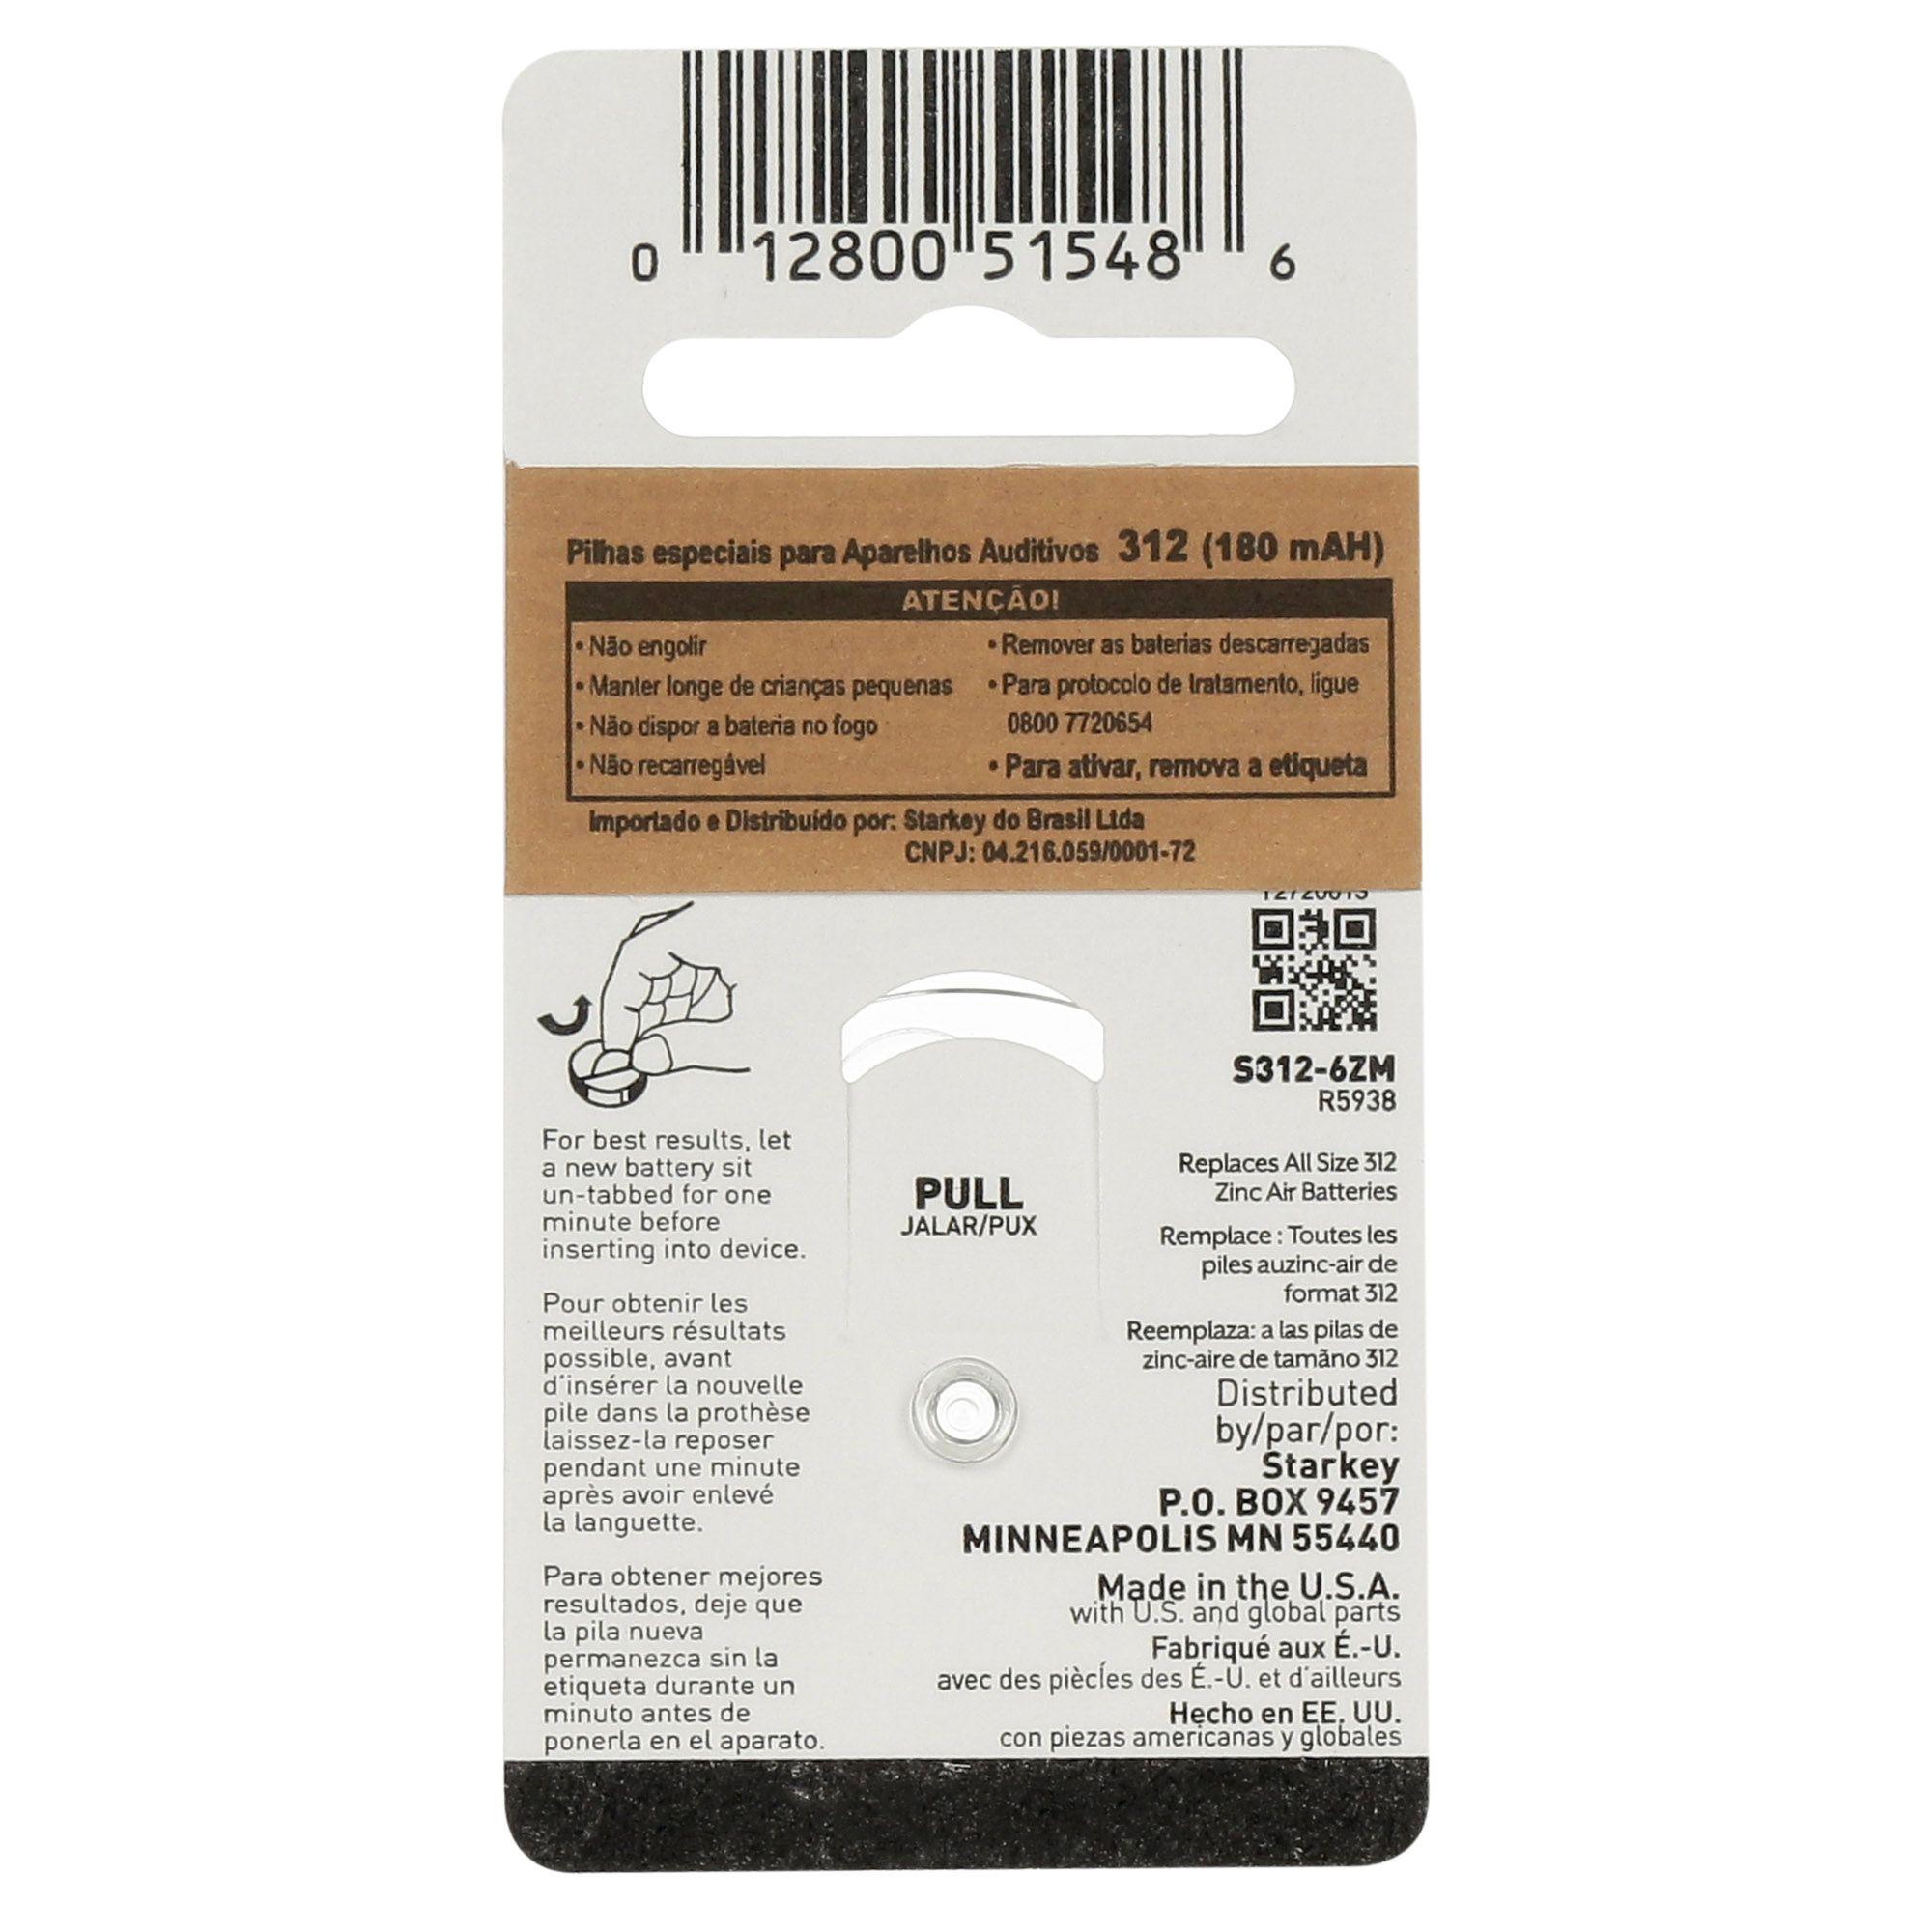 Starkey S312 / PR41 - 10 Cartelas - 60 Baterias para Aparelho Auditivo  - SONORA